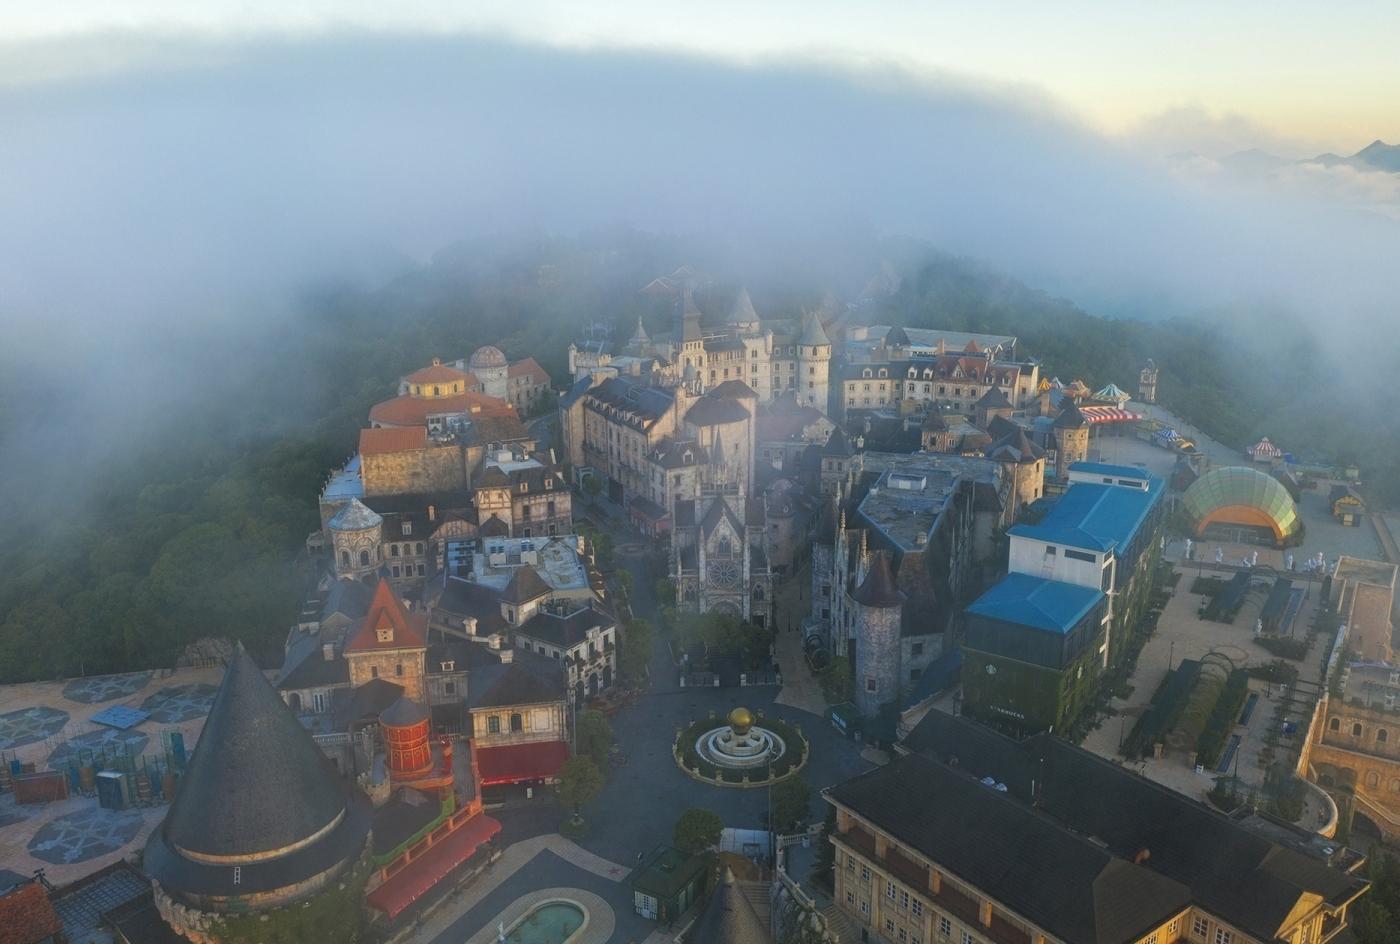 Các khu, điểm du lịch ở Đà Nẵng sẵn sàng đón khách trở lại